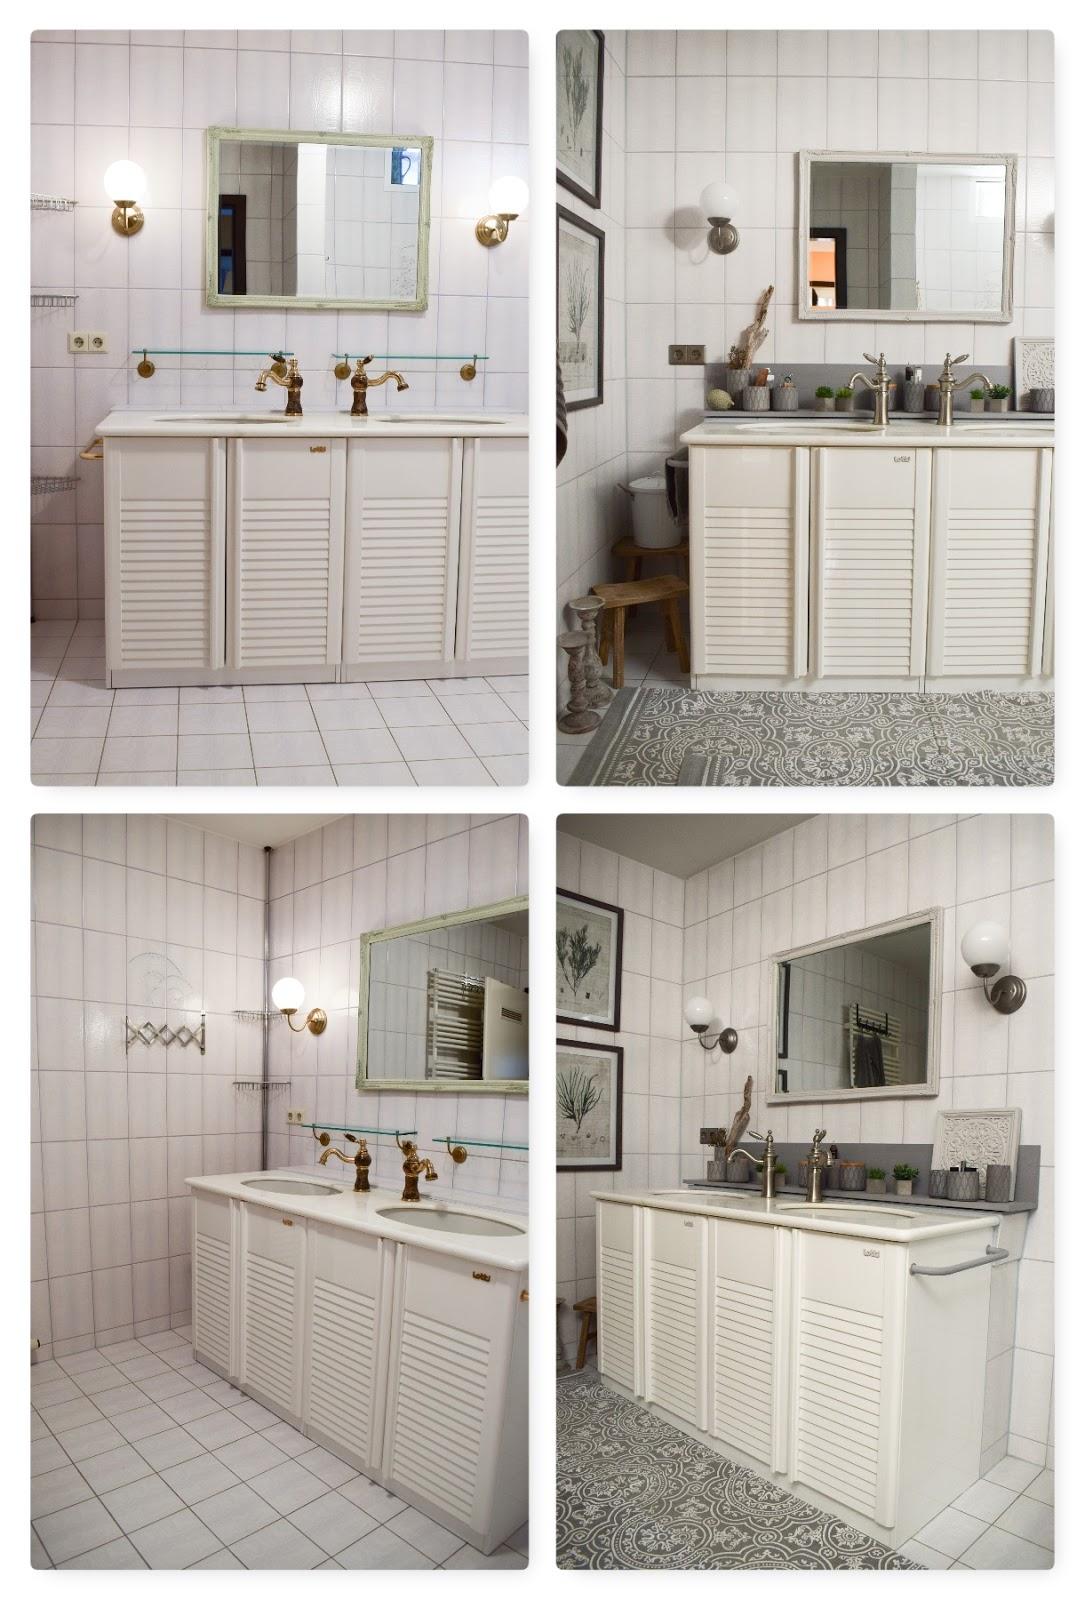 Badteppich Dekoidee Deko alte Fliesen. Teppiche aus Baumwolle für dein Bad. Verschönerung Badezimmer mit einfachen Mitteln Vorher Nachher